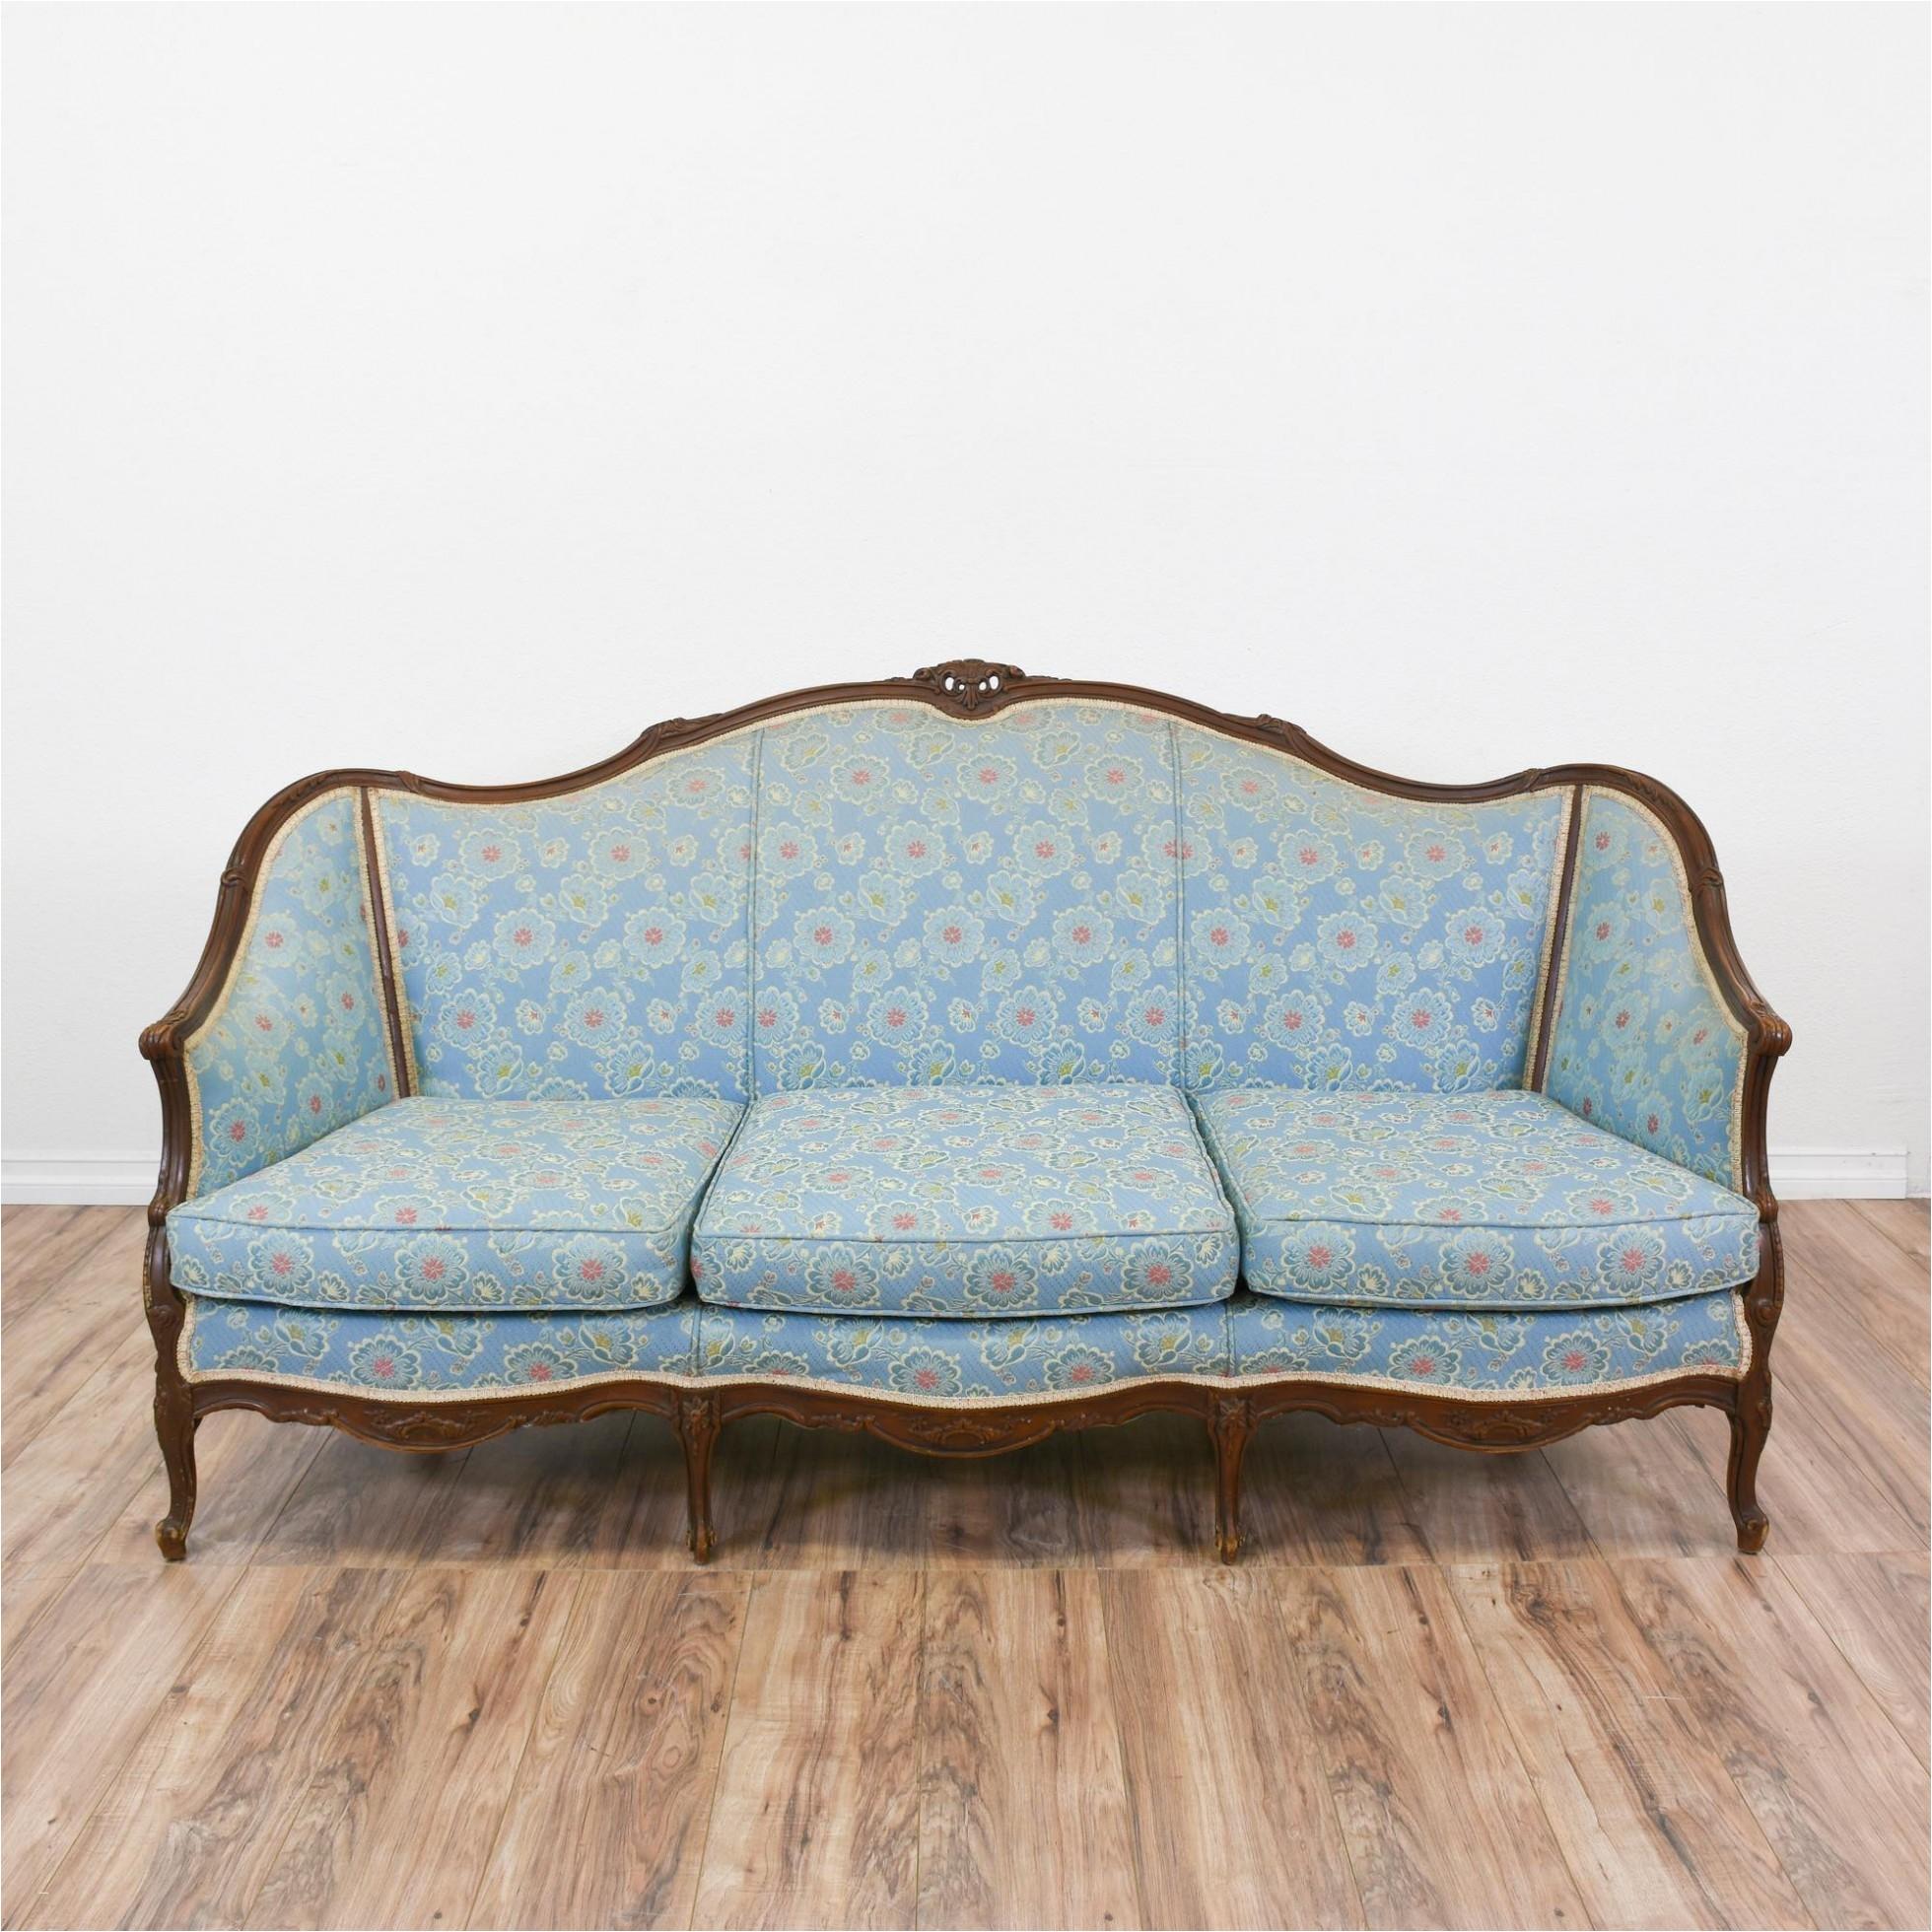 12 outdoor furniture paramus nj photos